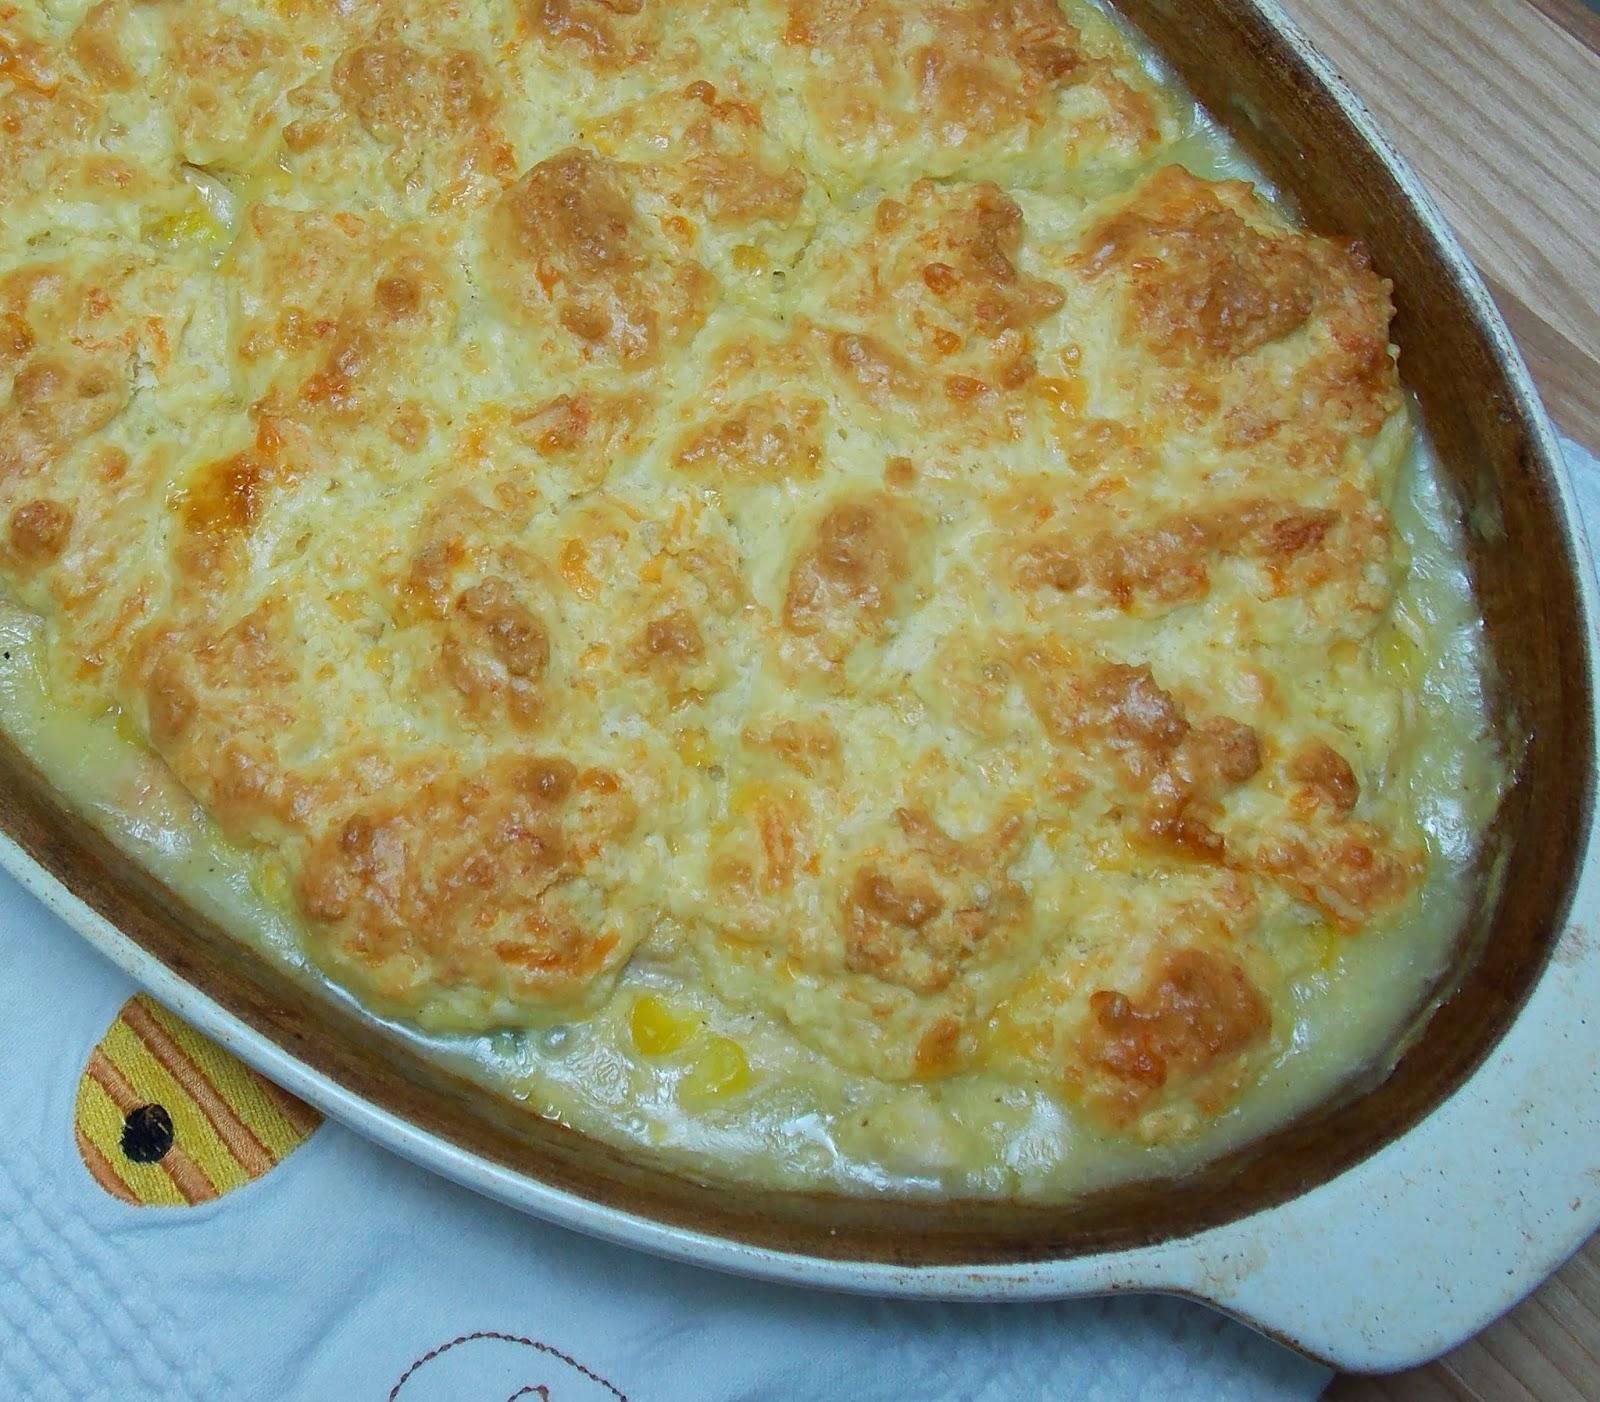 Turkey Potpie With Cheddar Biscuit Crust Recipe — Dishmaps